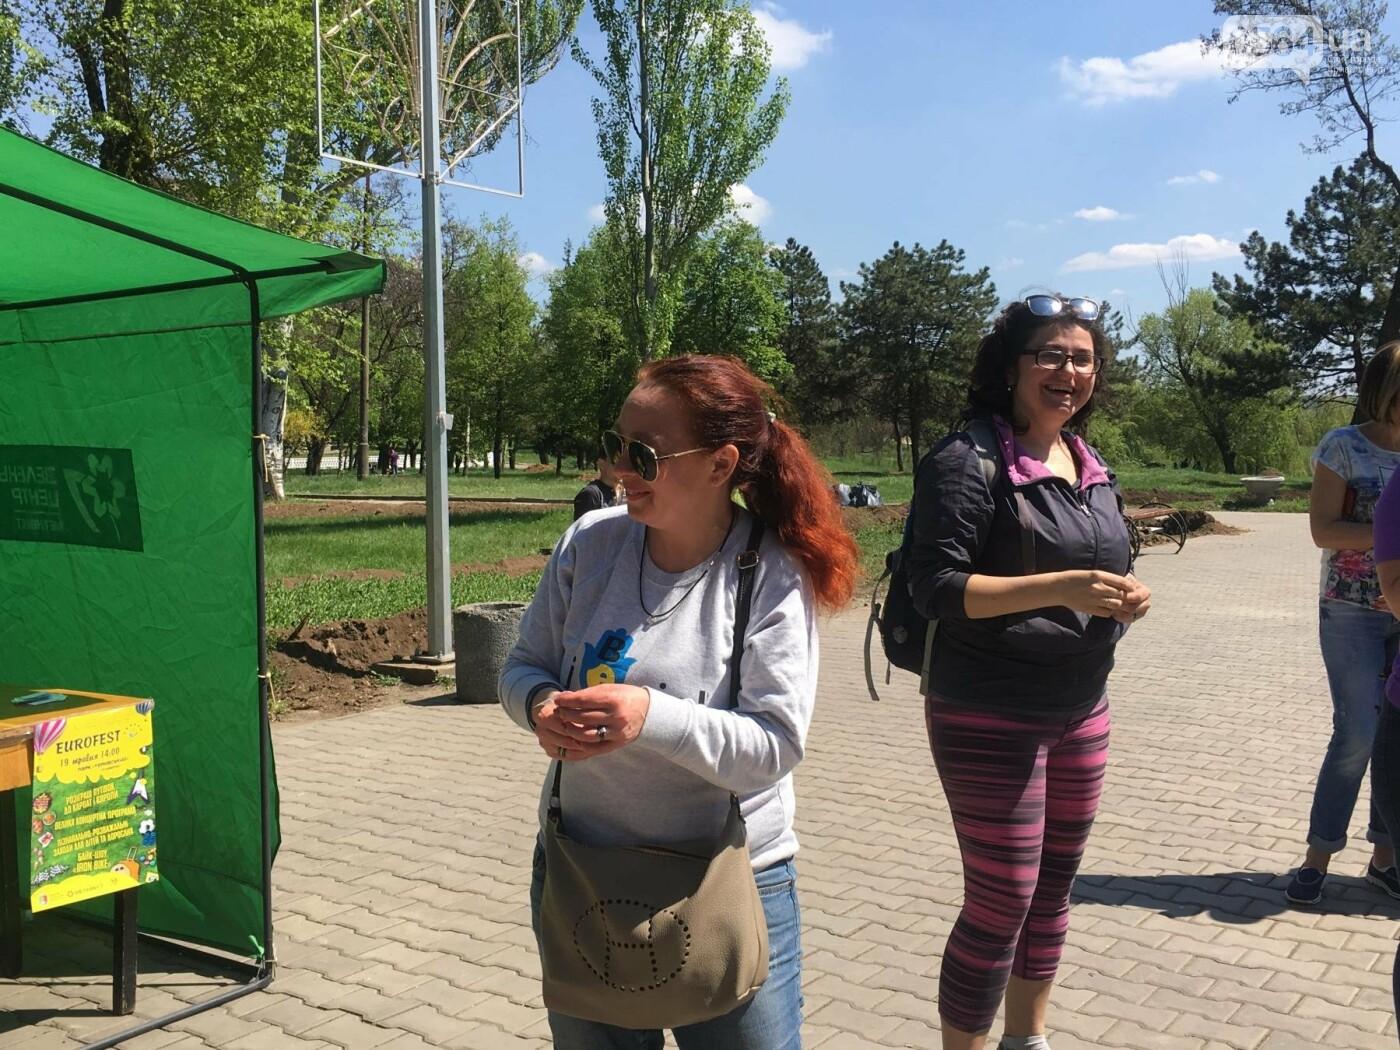 """""""В Европу без мусора!"""": криворожане помогли подготовить парк к Еврофесту (ФОТО), фото-52"""